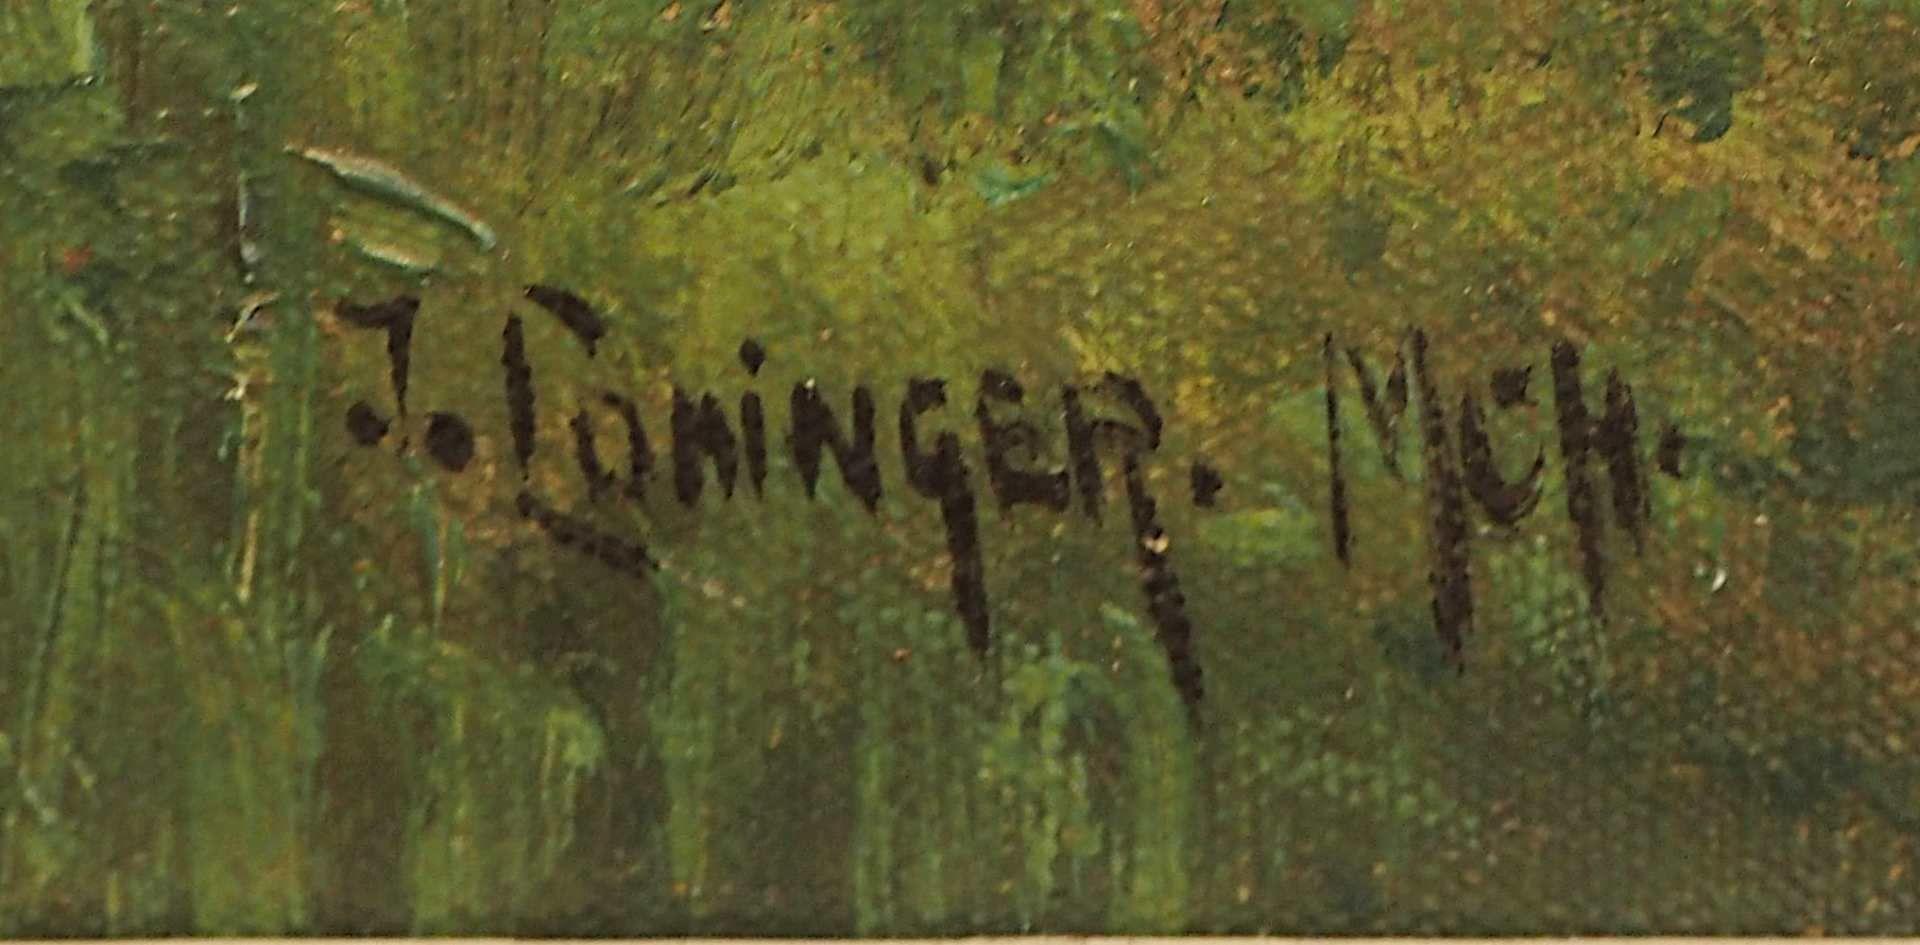 """1 Ölgemälde """"Dörfliche Idylle mit Federvieh und Misthaufen"""" L.u. sign. J. LOHINGER - Bild 3 aus 4"""